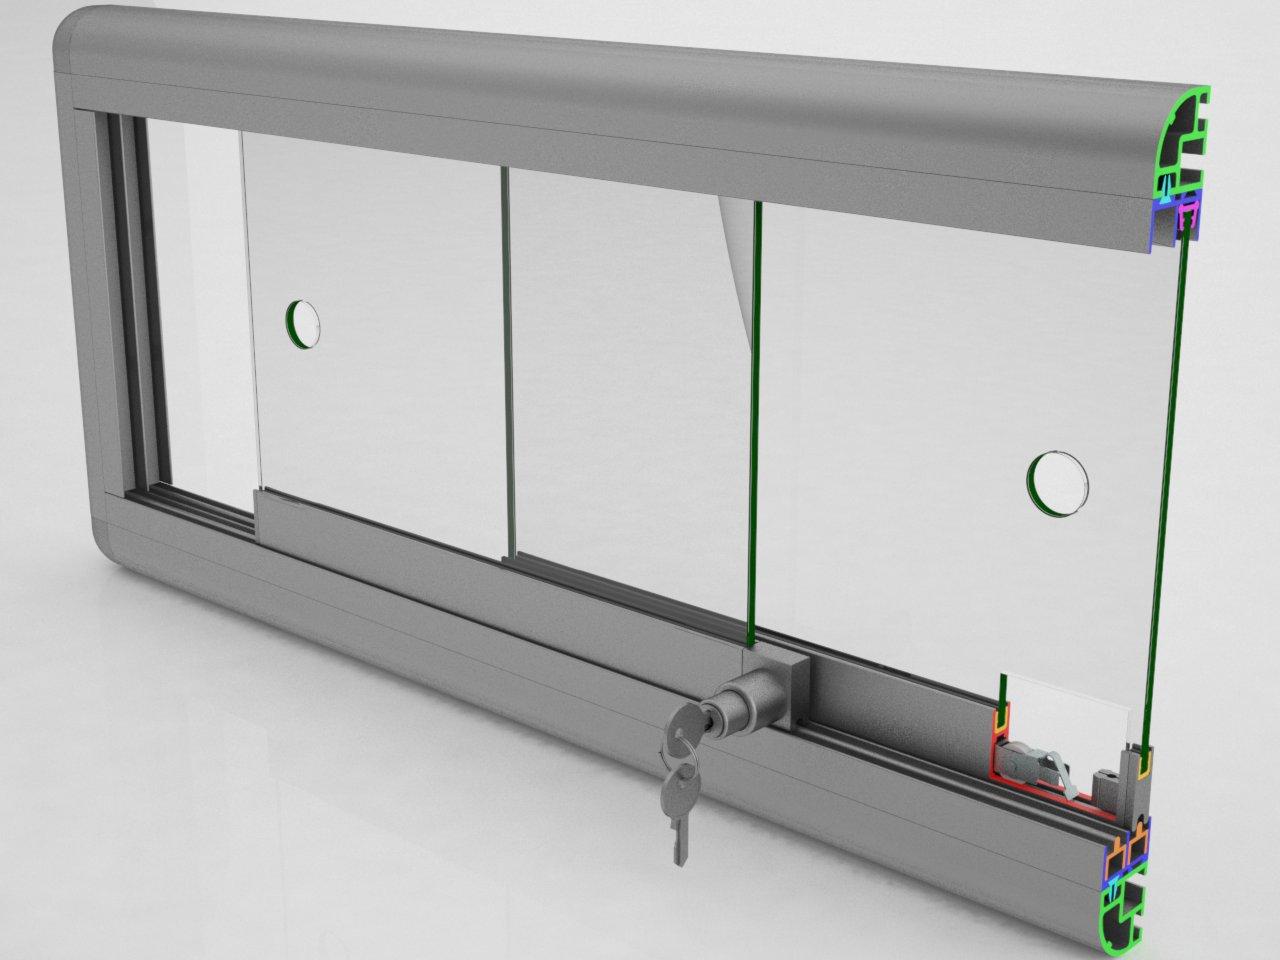 Visão geral dos componentes do sistema de porta de correr para vitrines e móveis